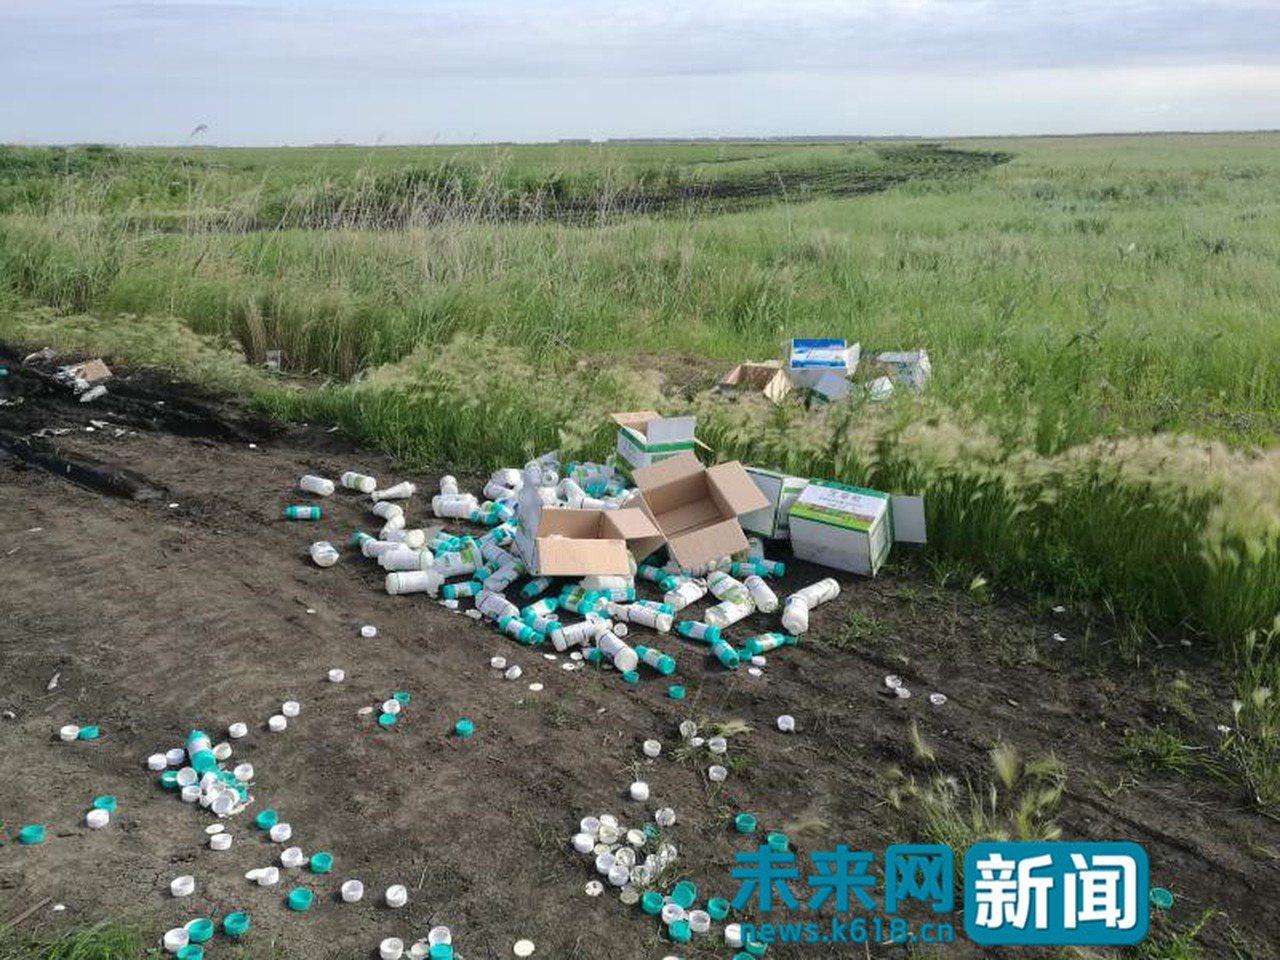 黑龍江寶清縣東升濕地出現大量廢棄農藥瓶。(取材自未來網)